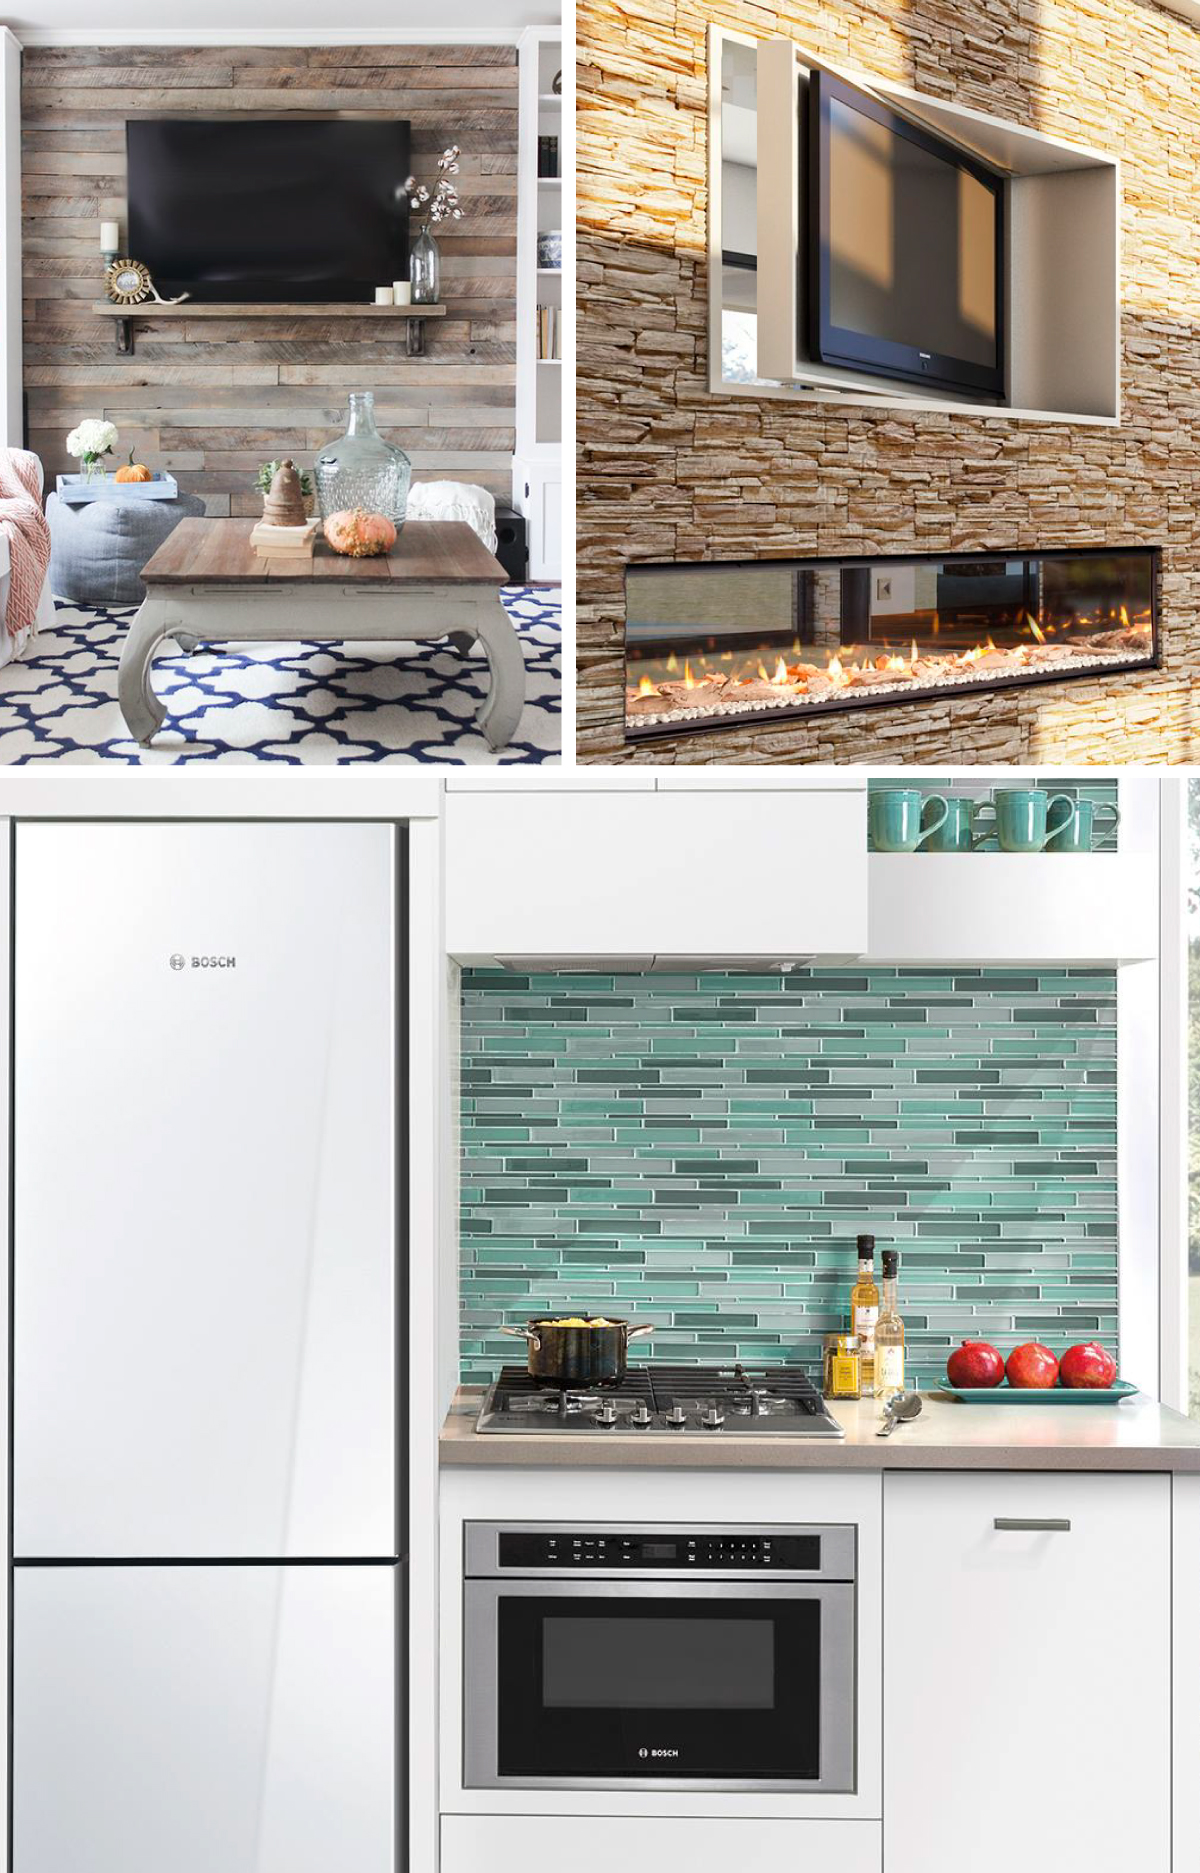 empotrar-electrodomésticos-para-ahorrar-espacio.jpg